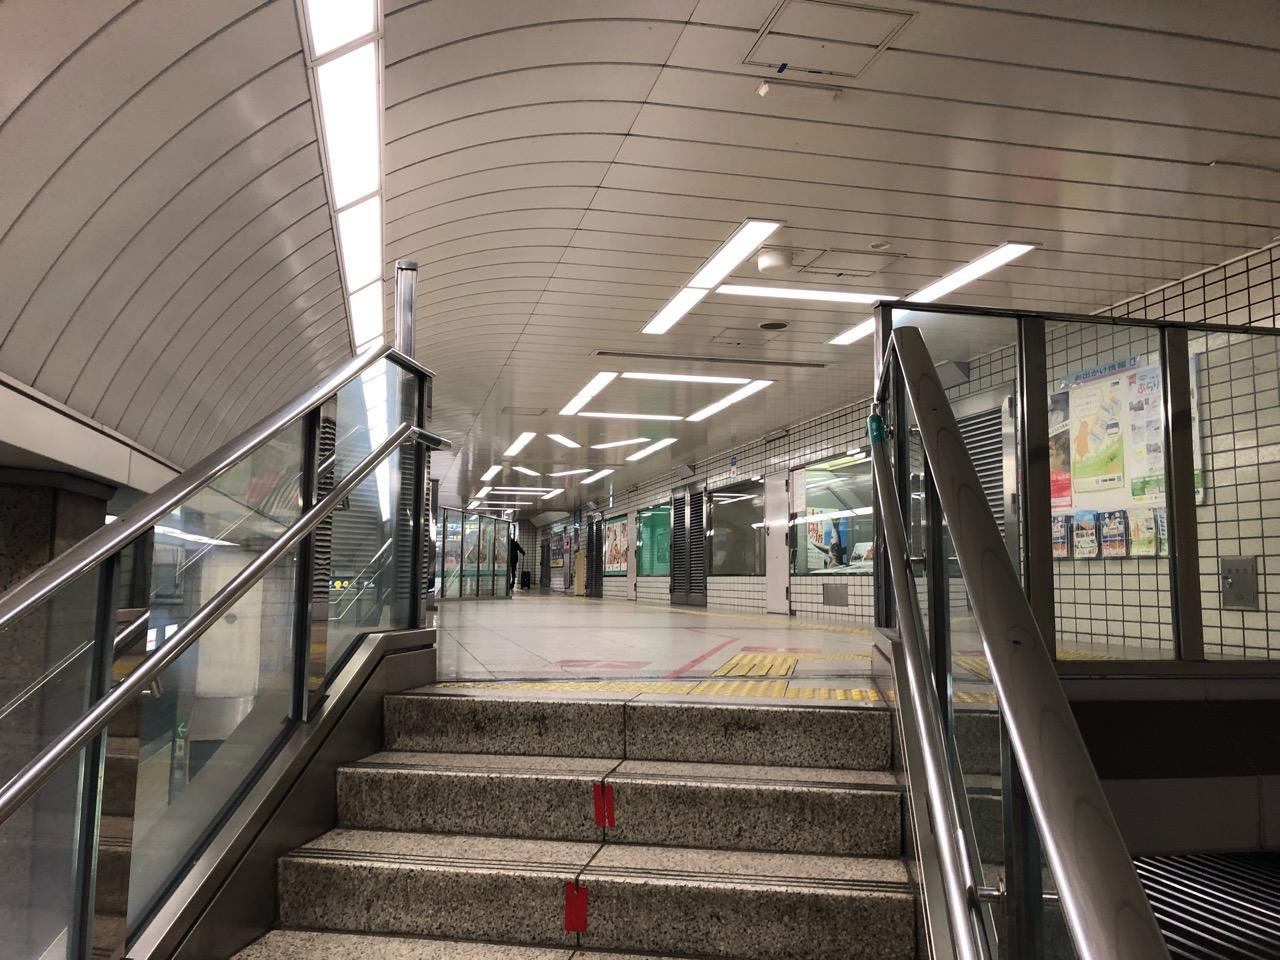 大阪・地下鉄「本町駅」の蛍光灯は「HOMMACHI」の形をしている